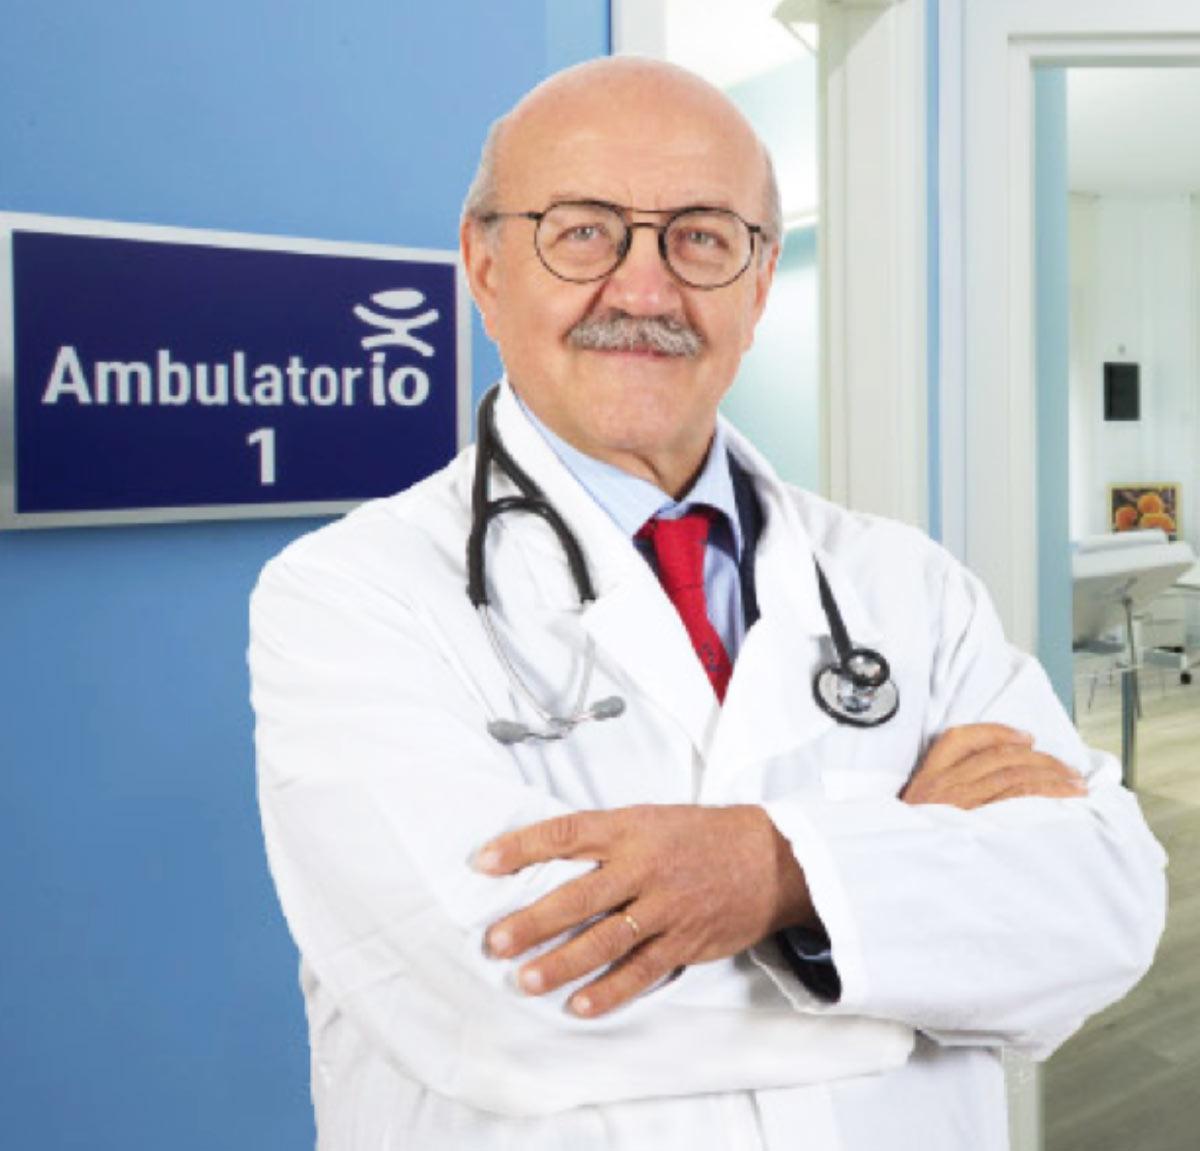 PoliambulatorioTerraeSole_Medici_Dott_Marco_Brancaleoni